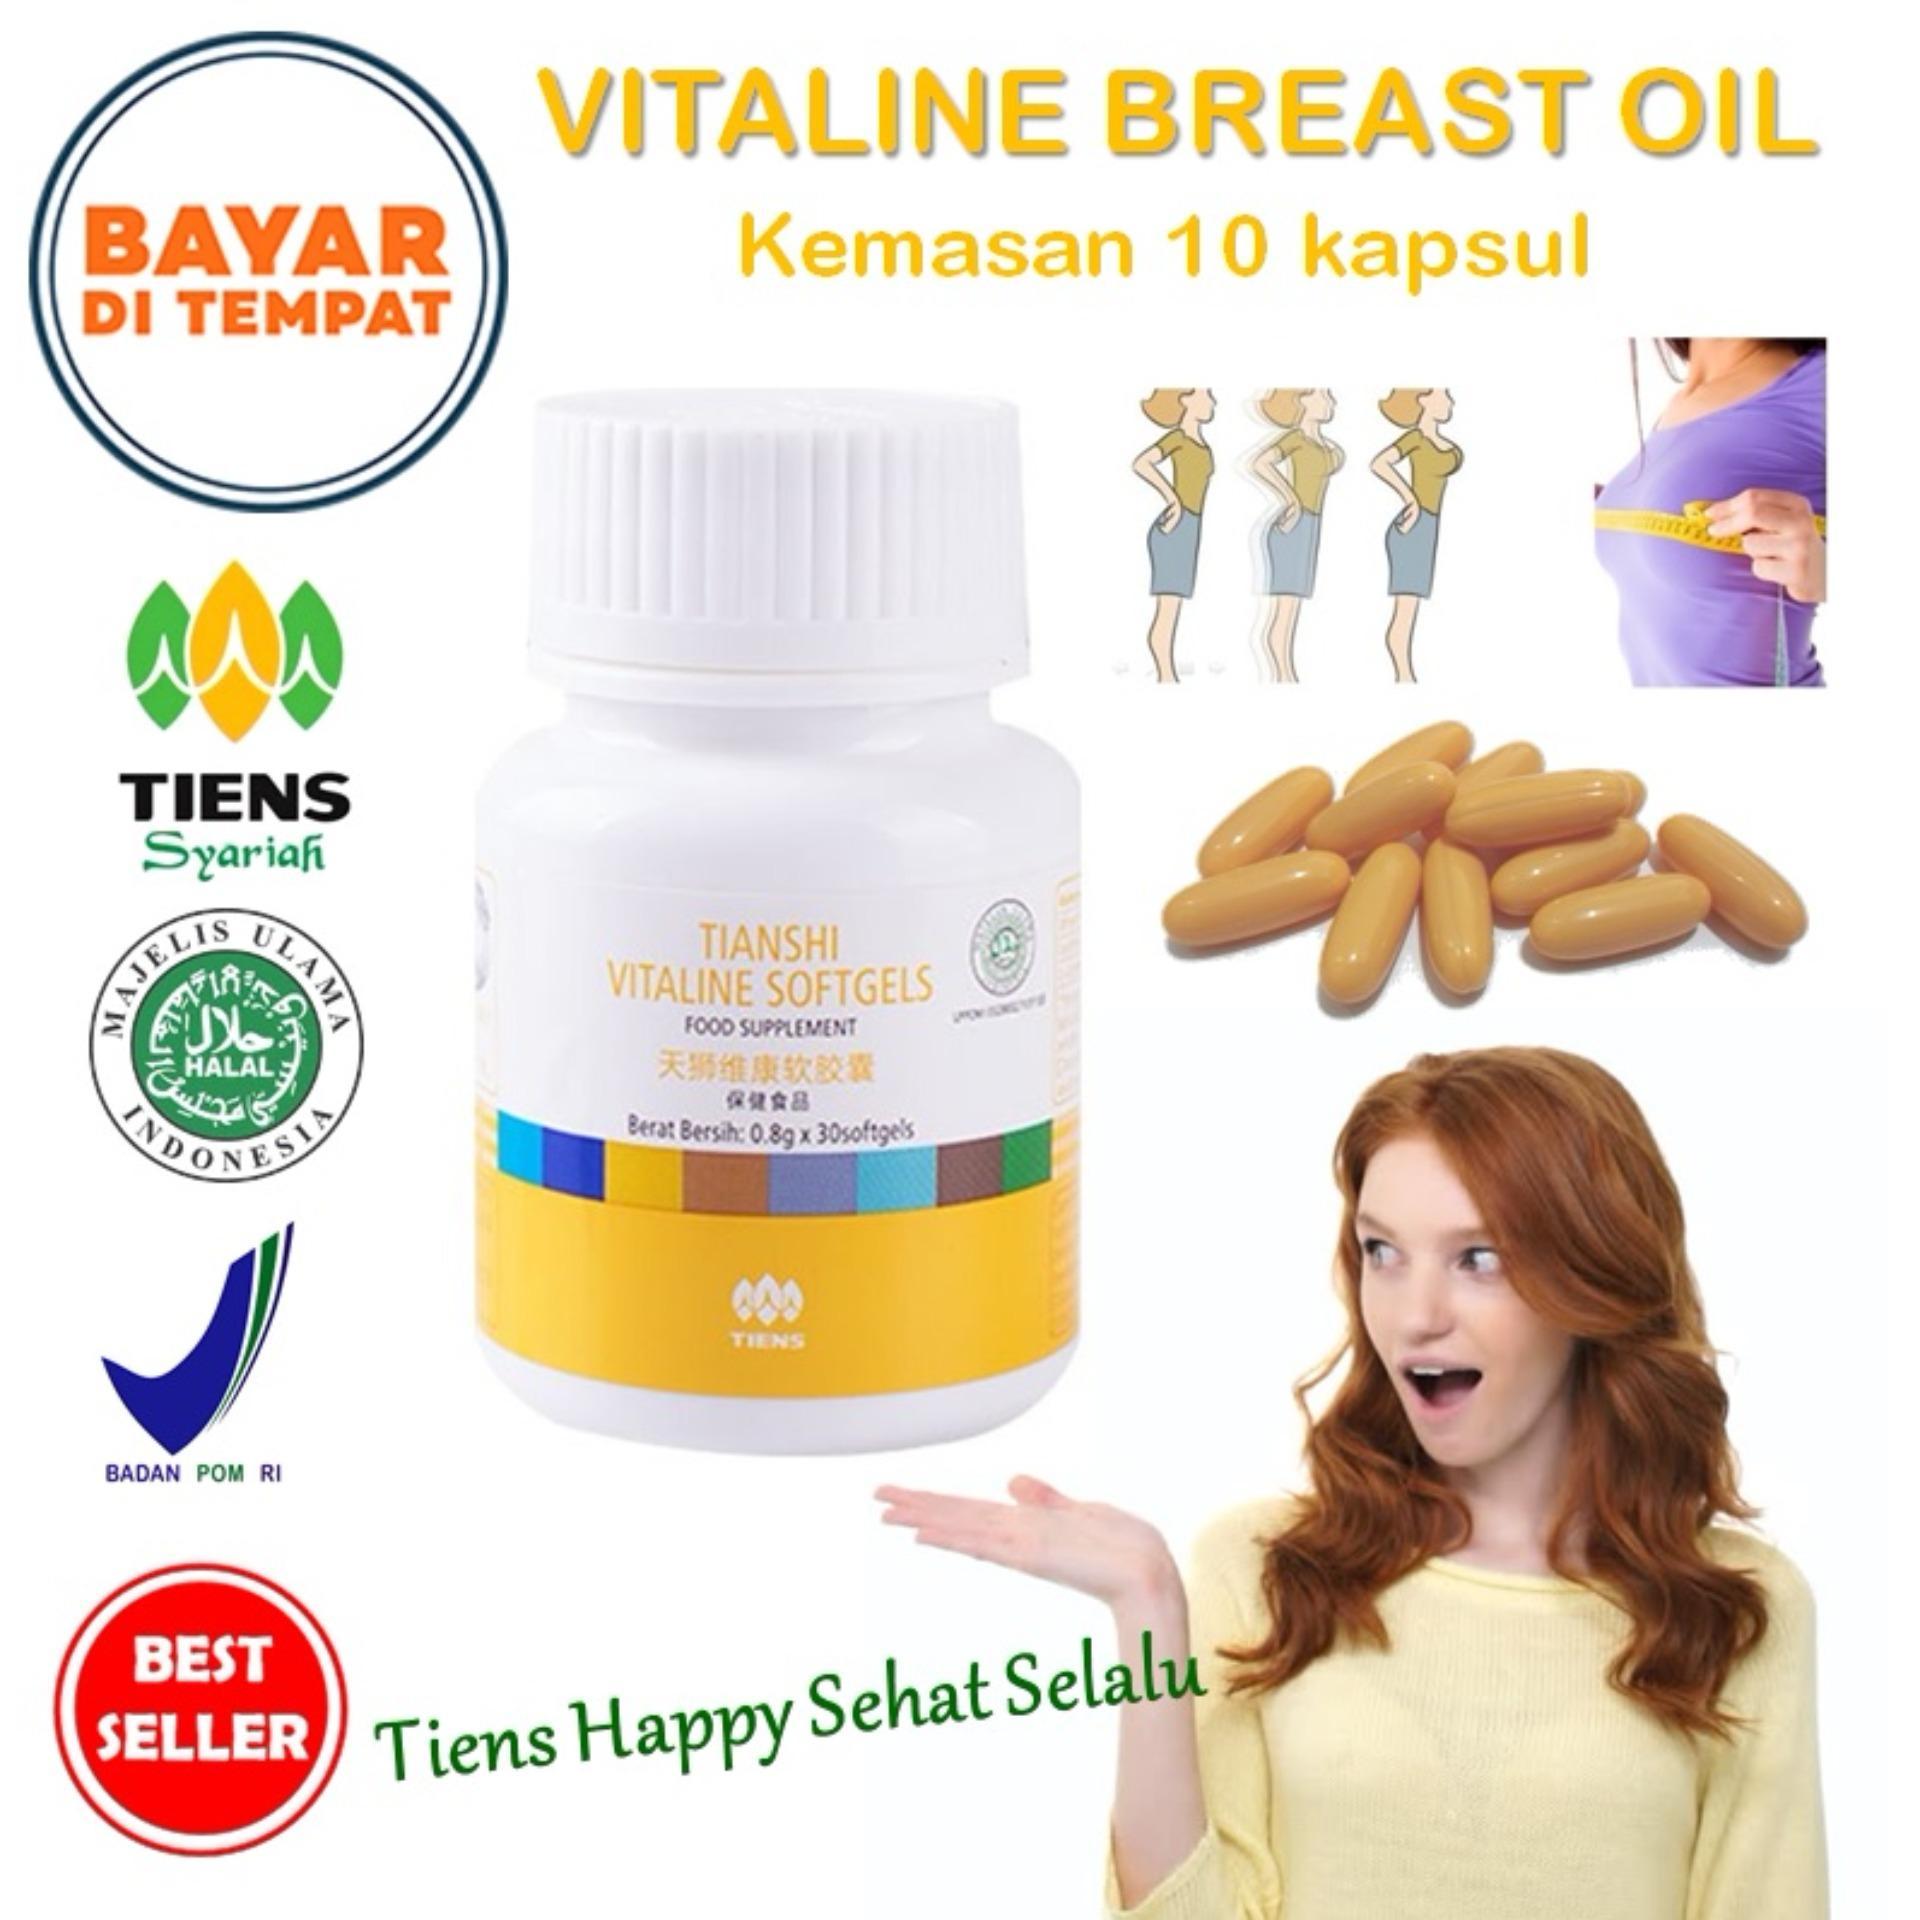 Tiens Vitaline Vitamin E Pengencang P Kulit Lebih Kencang Dan Ketat Awet Muda